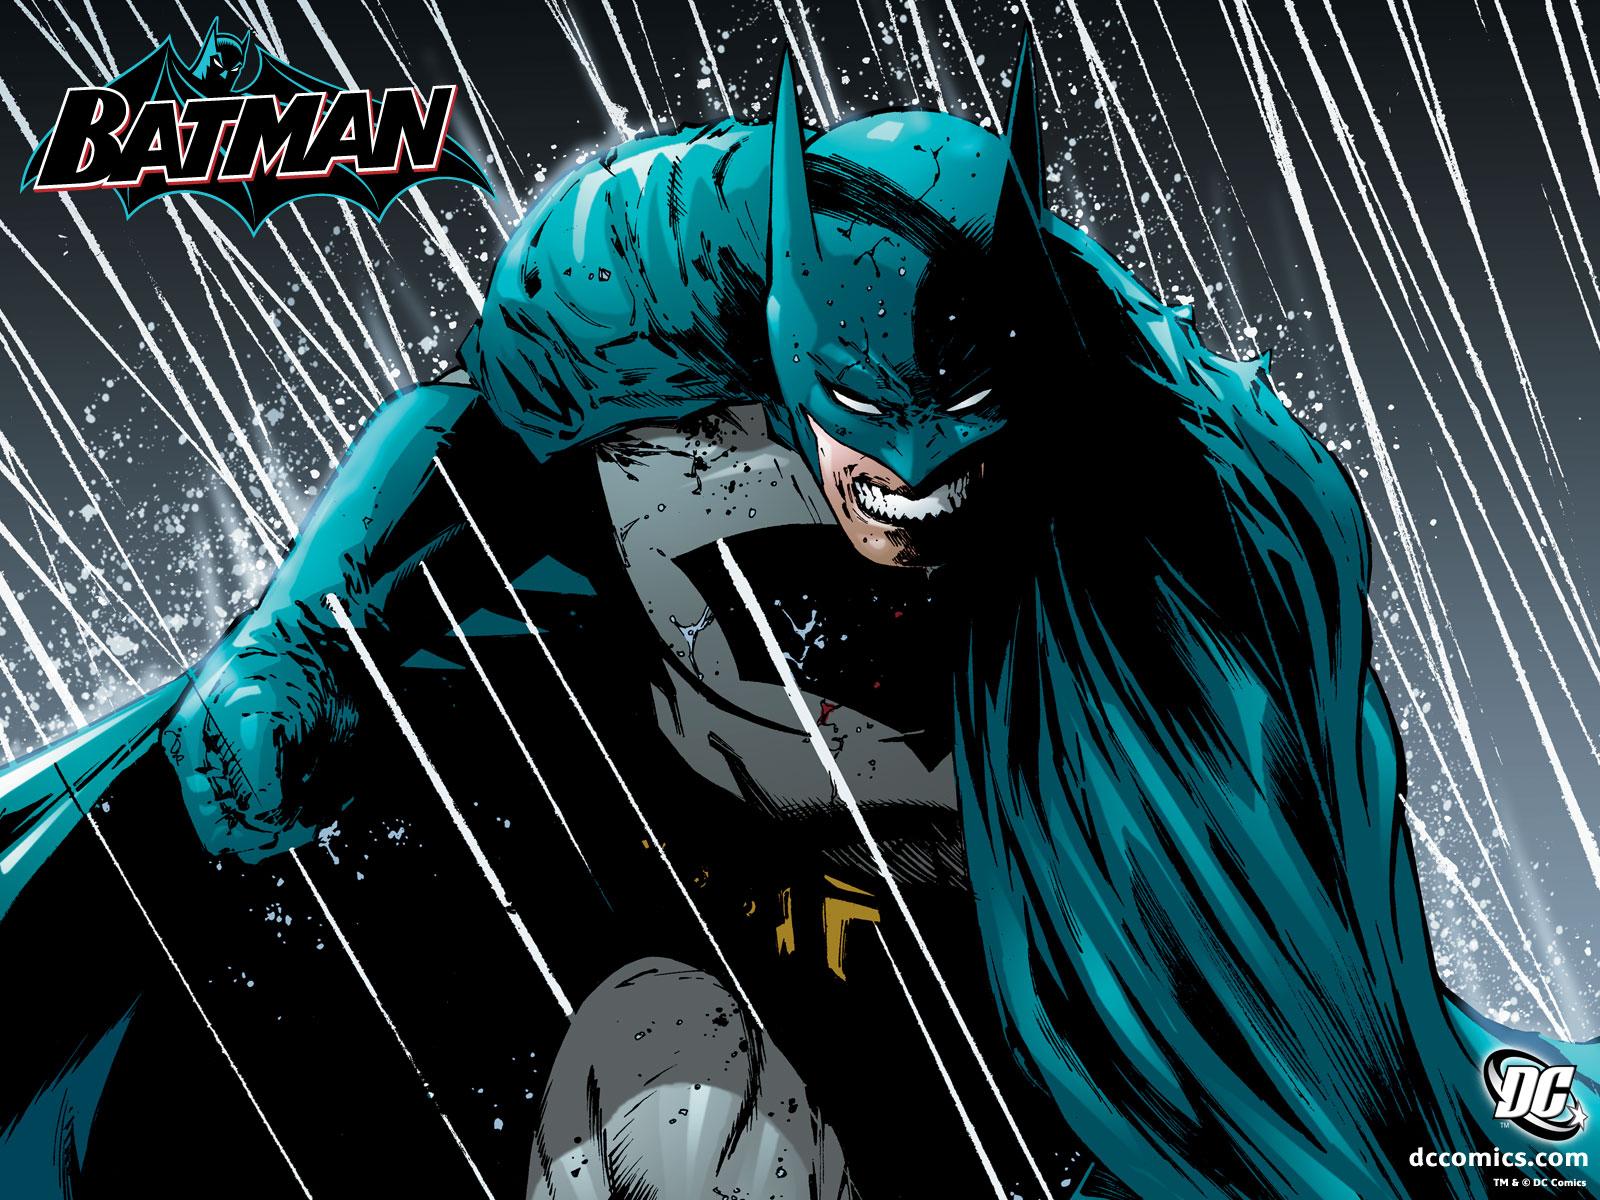 wallpaper comics batman - photo #23